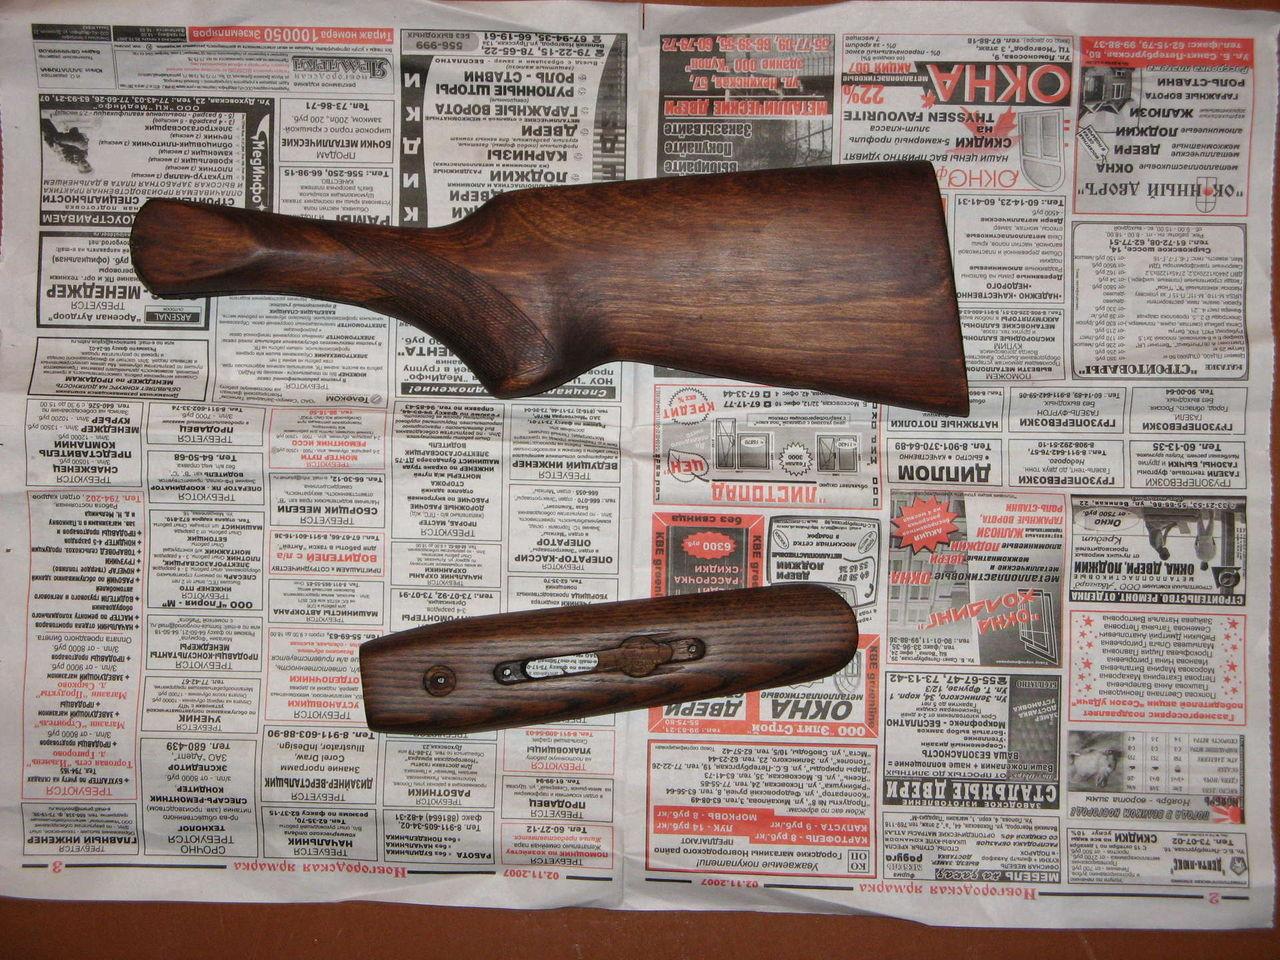 Ружье из мастики пошагово фото